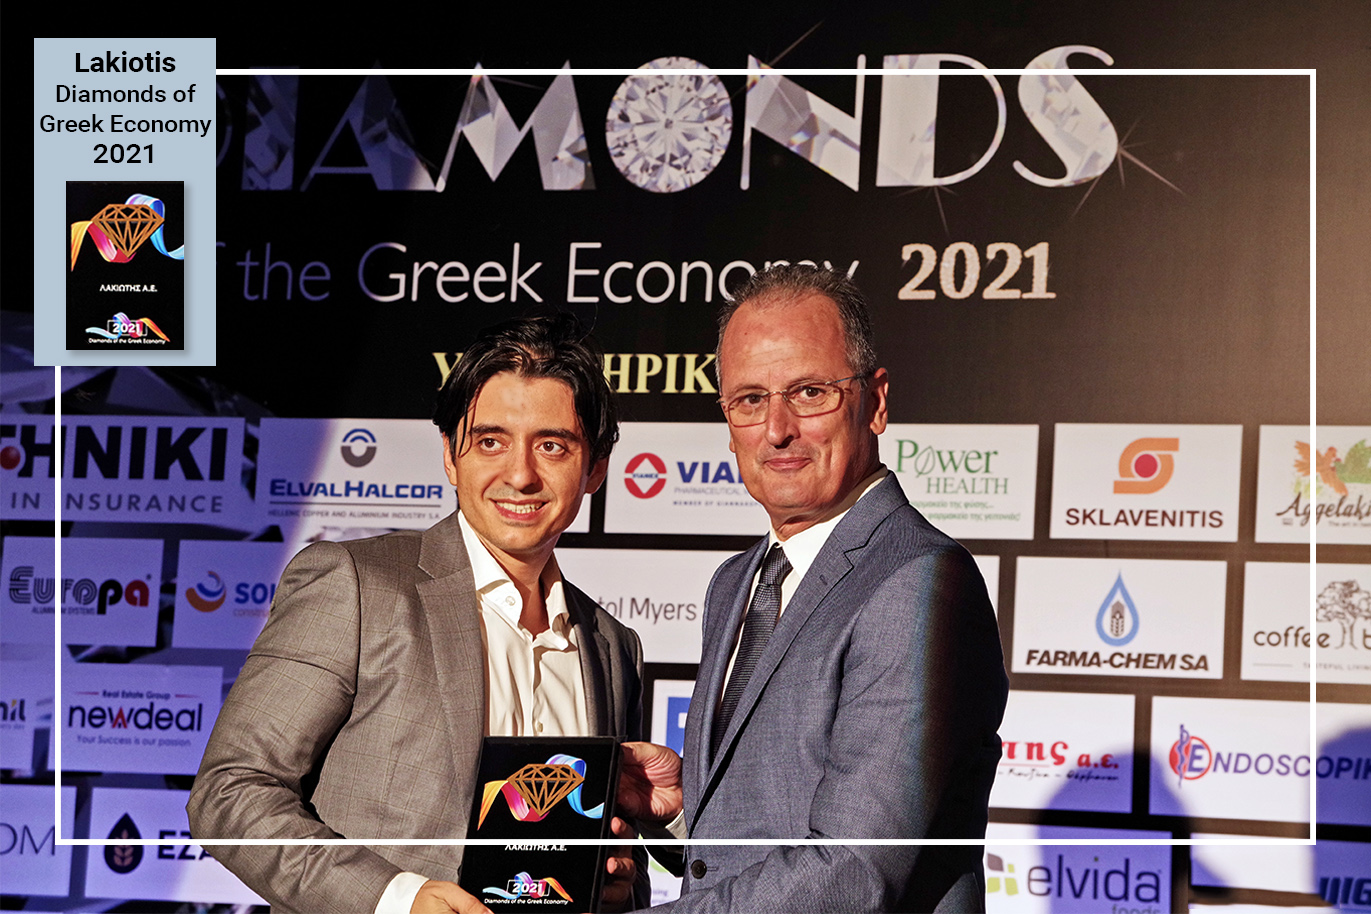 Βράβευση της ΛΑΚΙΩΤΗΣ Α.Ε. στα Diamonds of the Greek Economy 2021